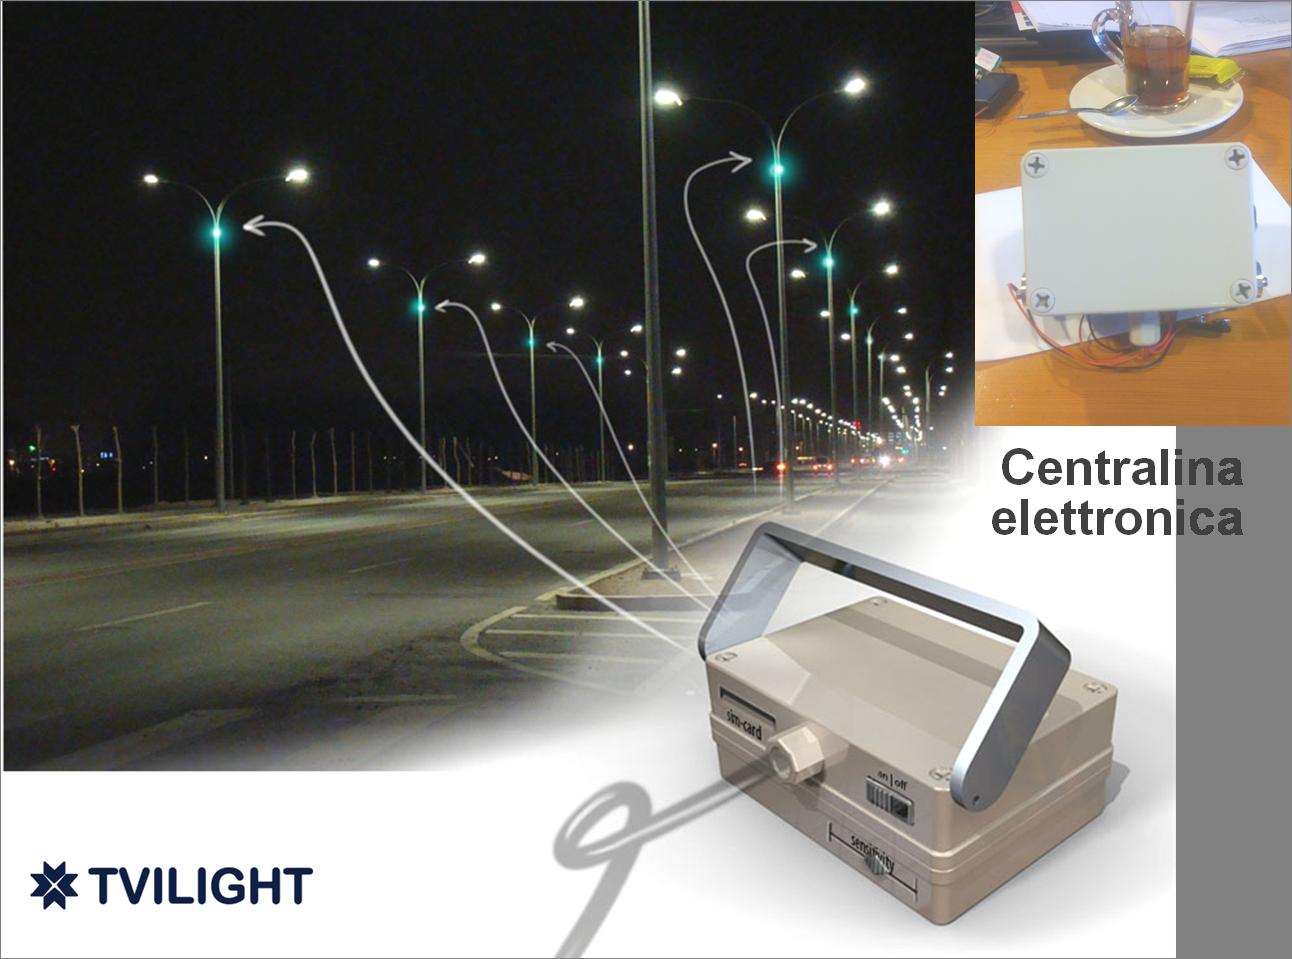 Illuminazione stradale intelligente per risparmiare l'80% di energia